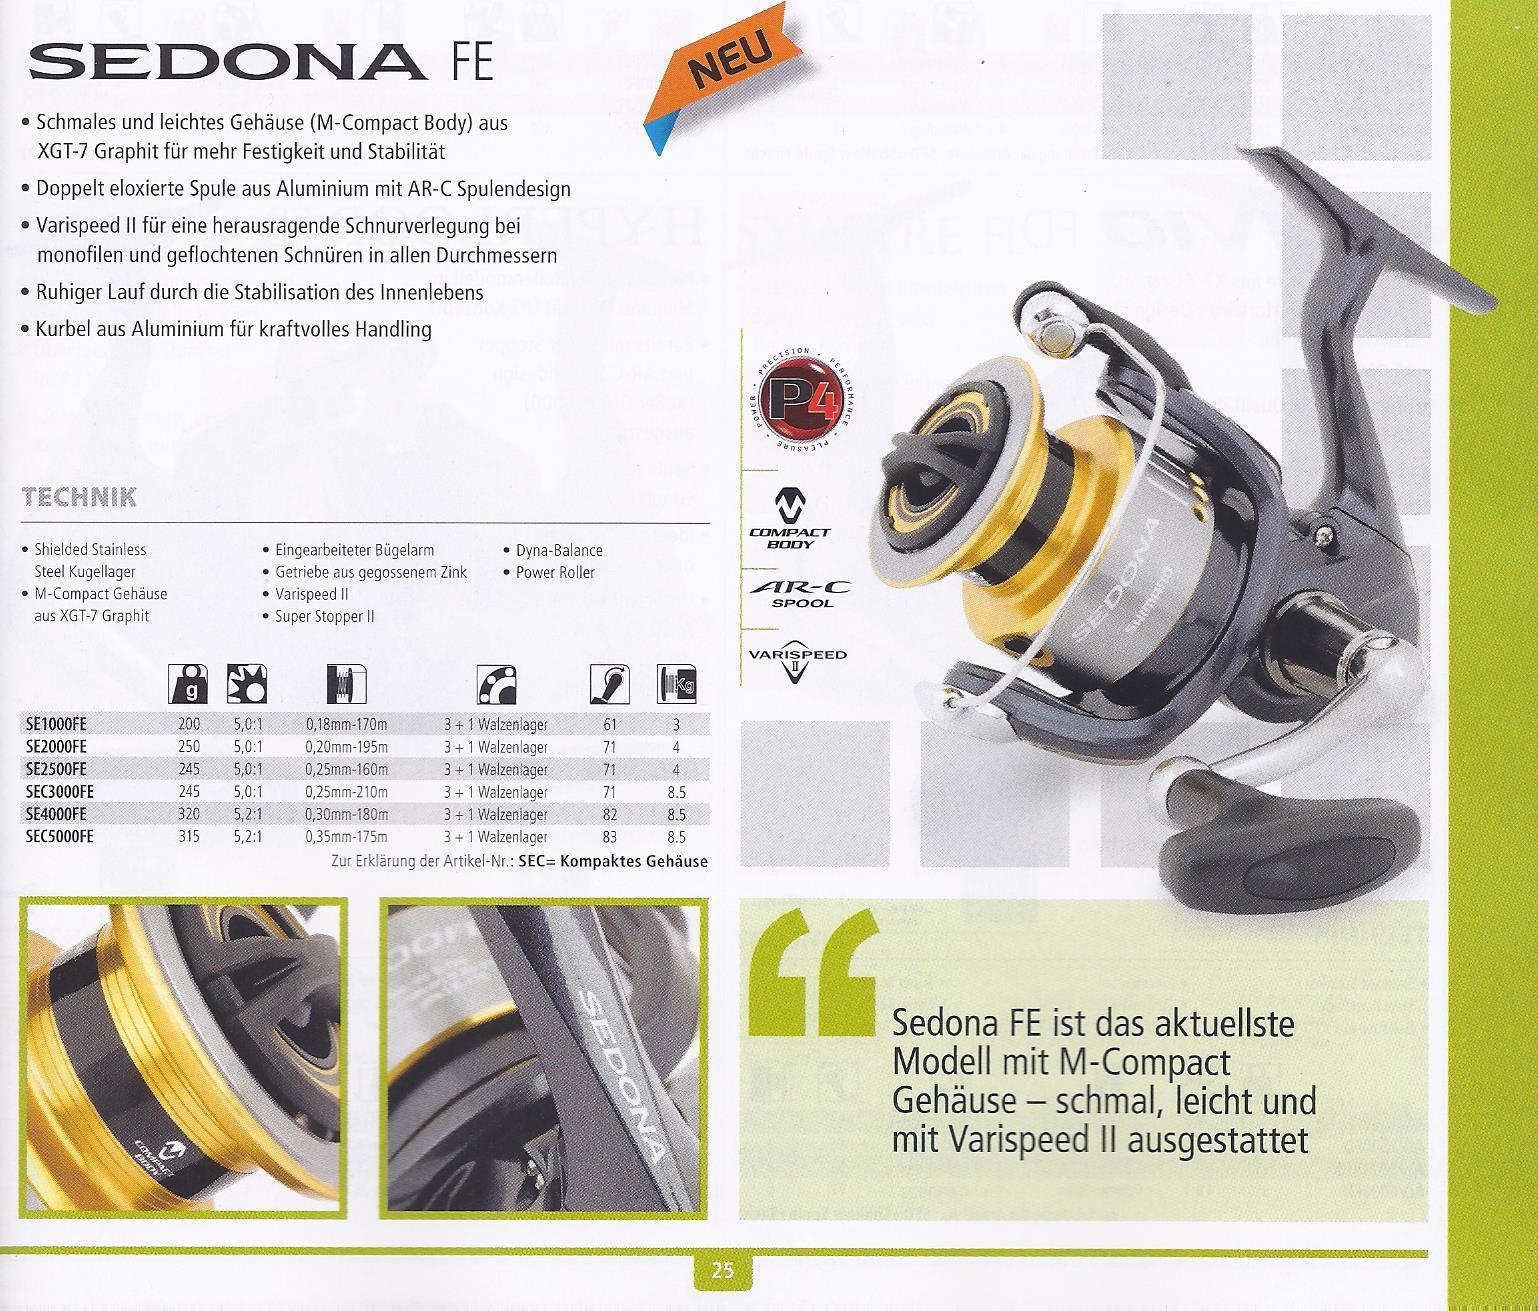 sedona-FE